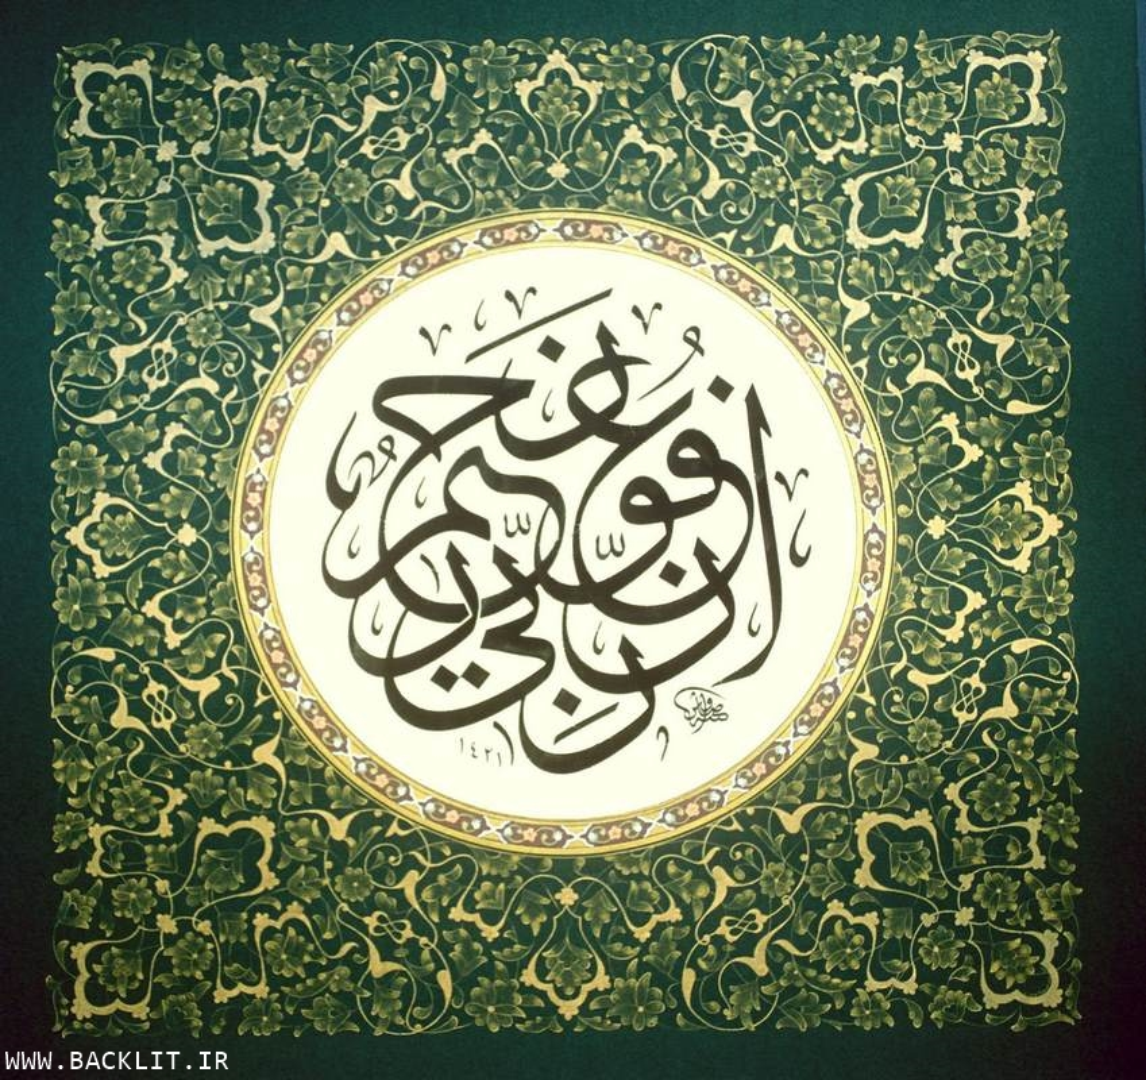 تابلو بسم الرحمن الرحیم